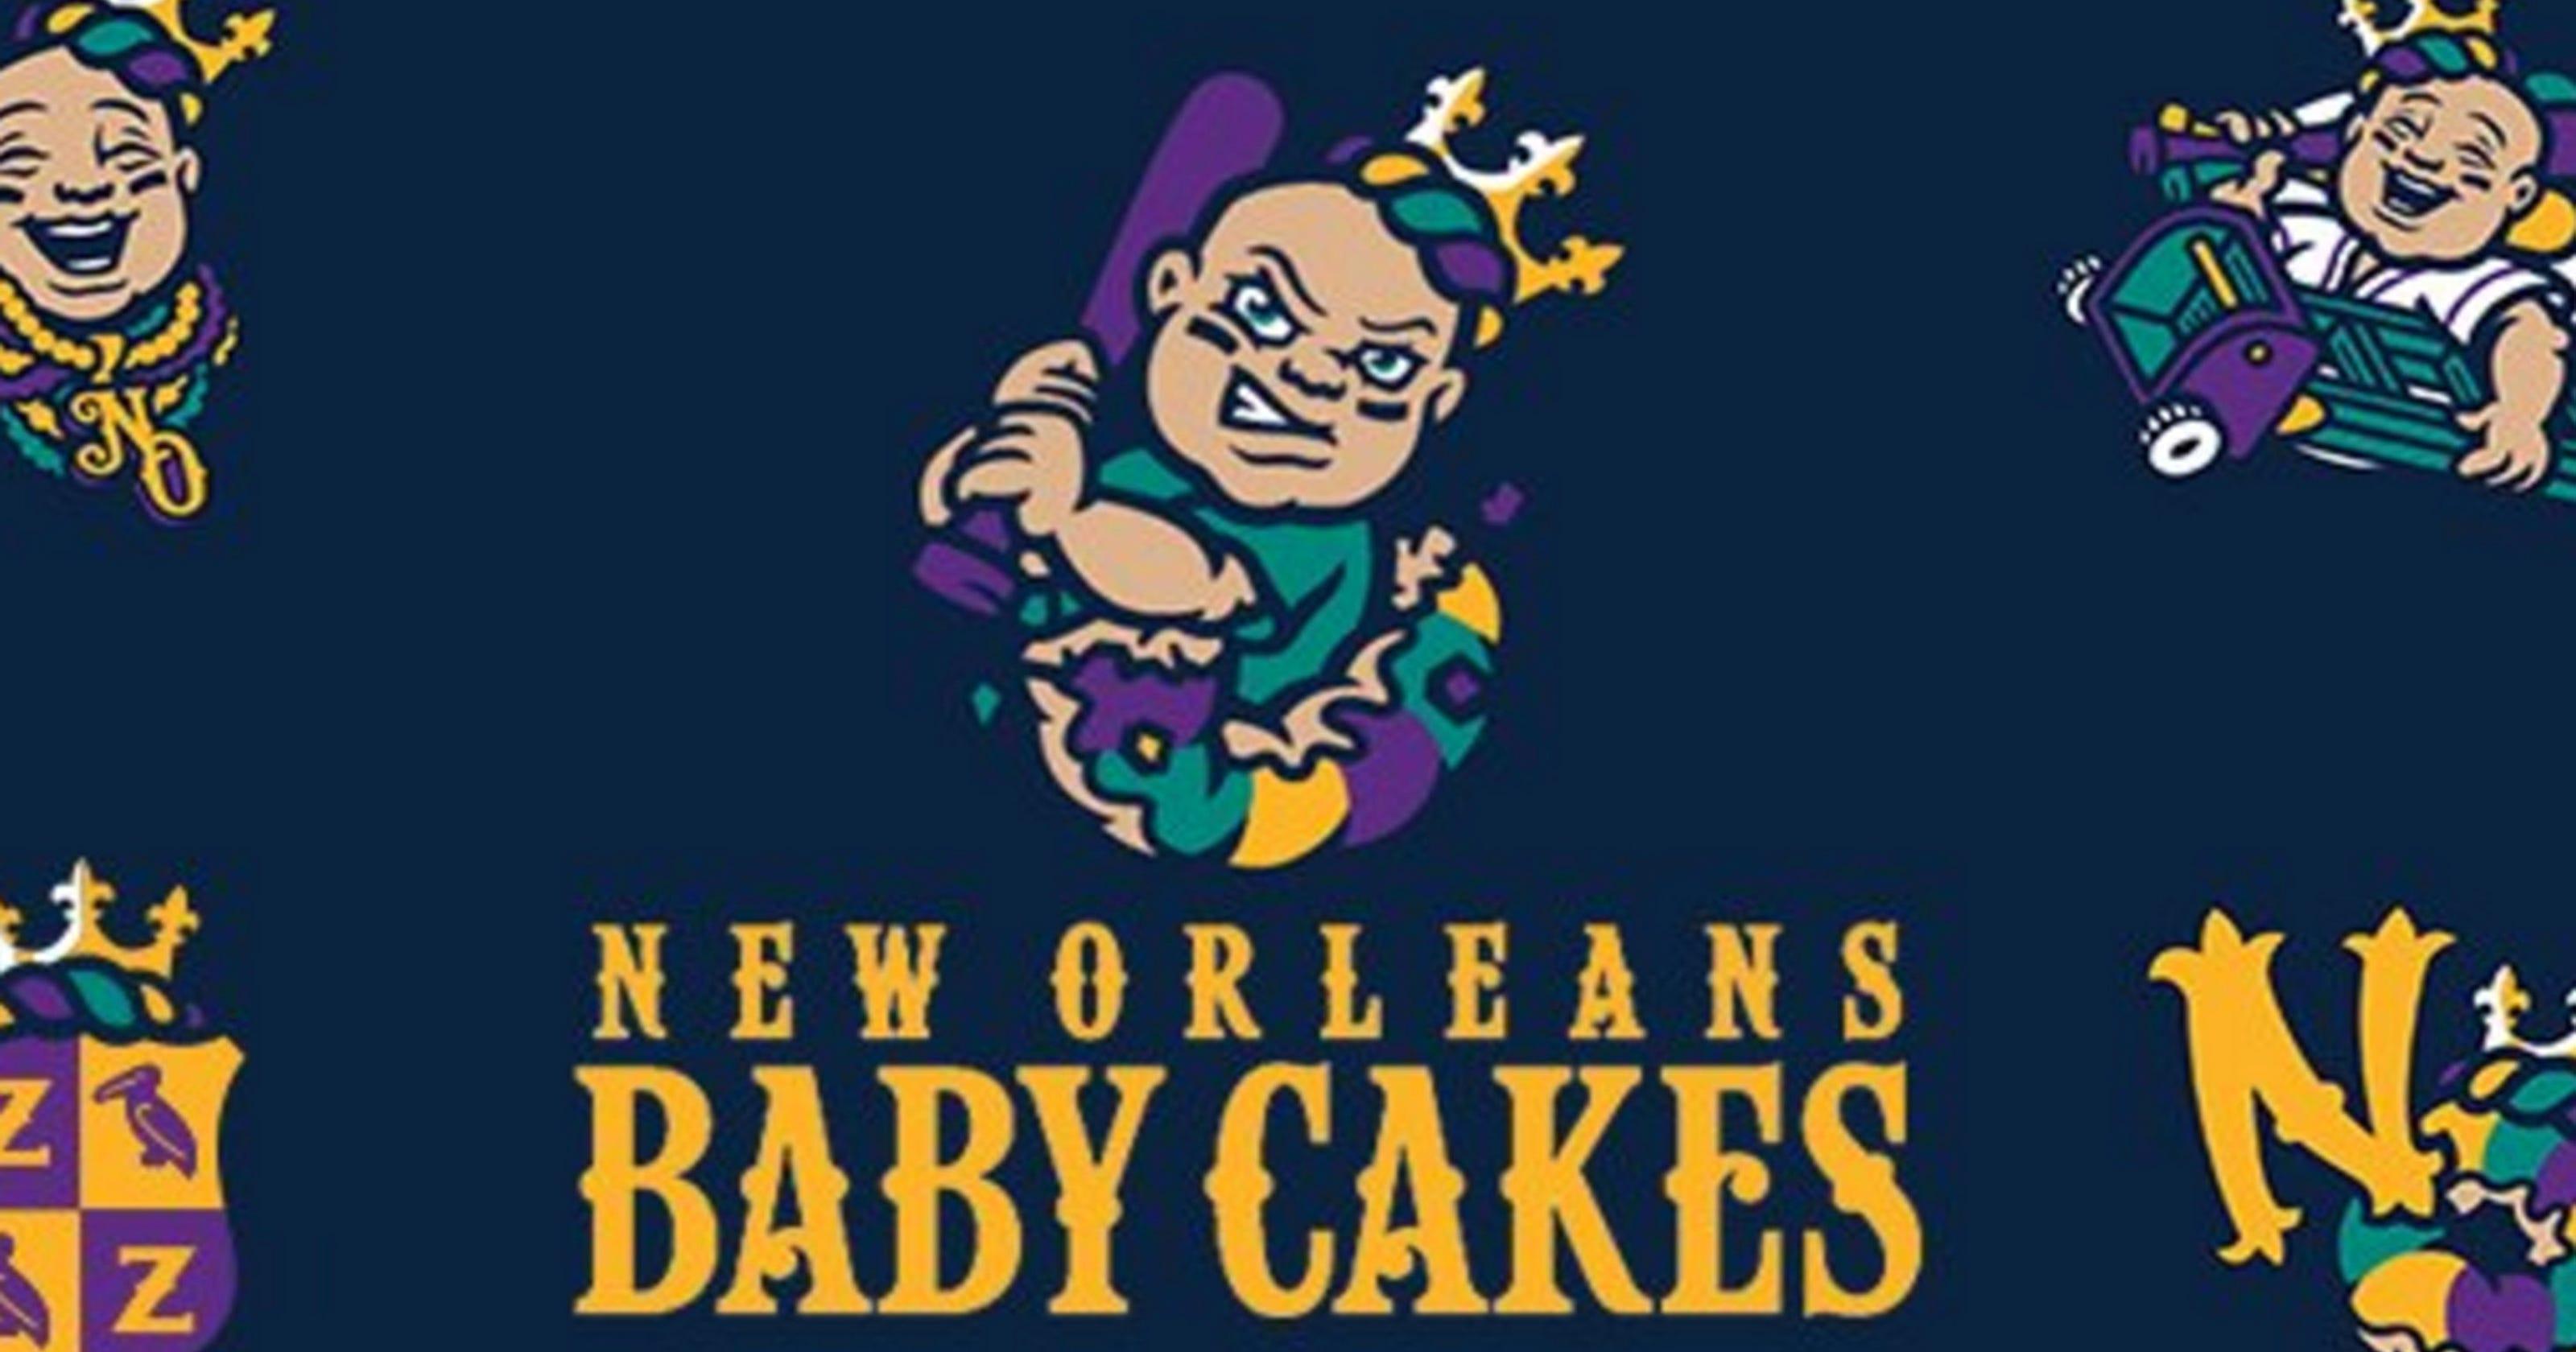 Nola The Baby Cakes